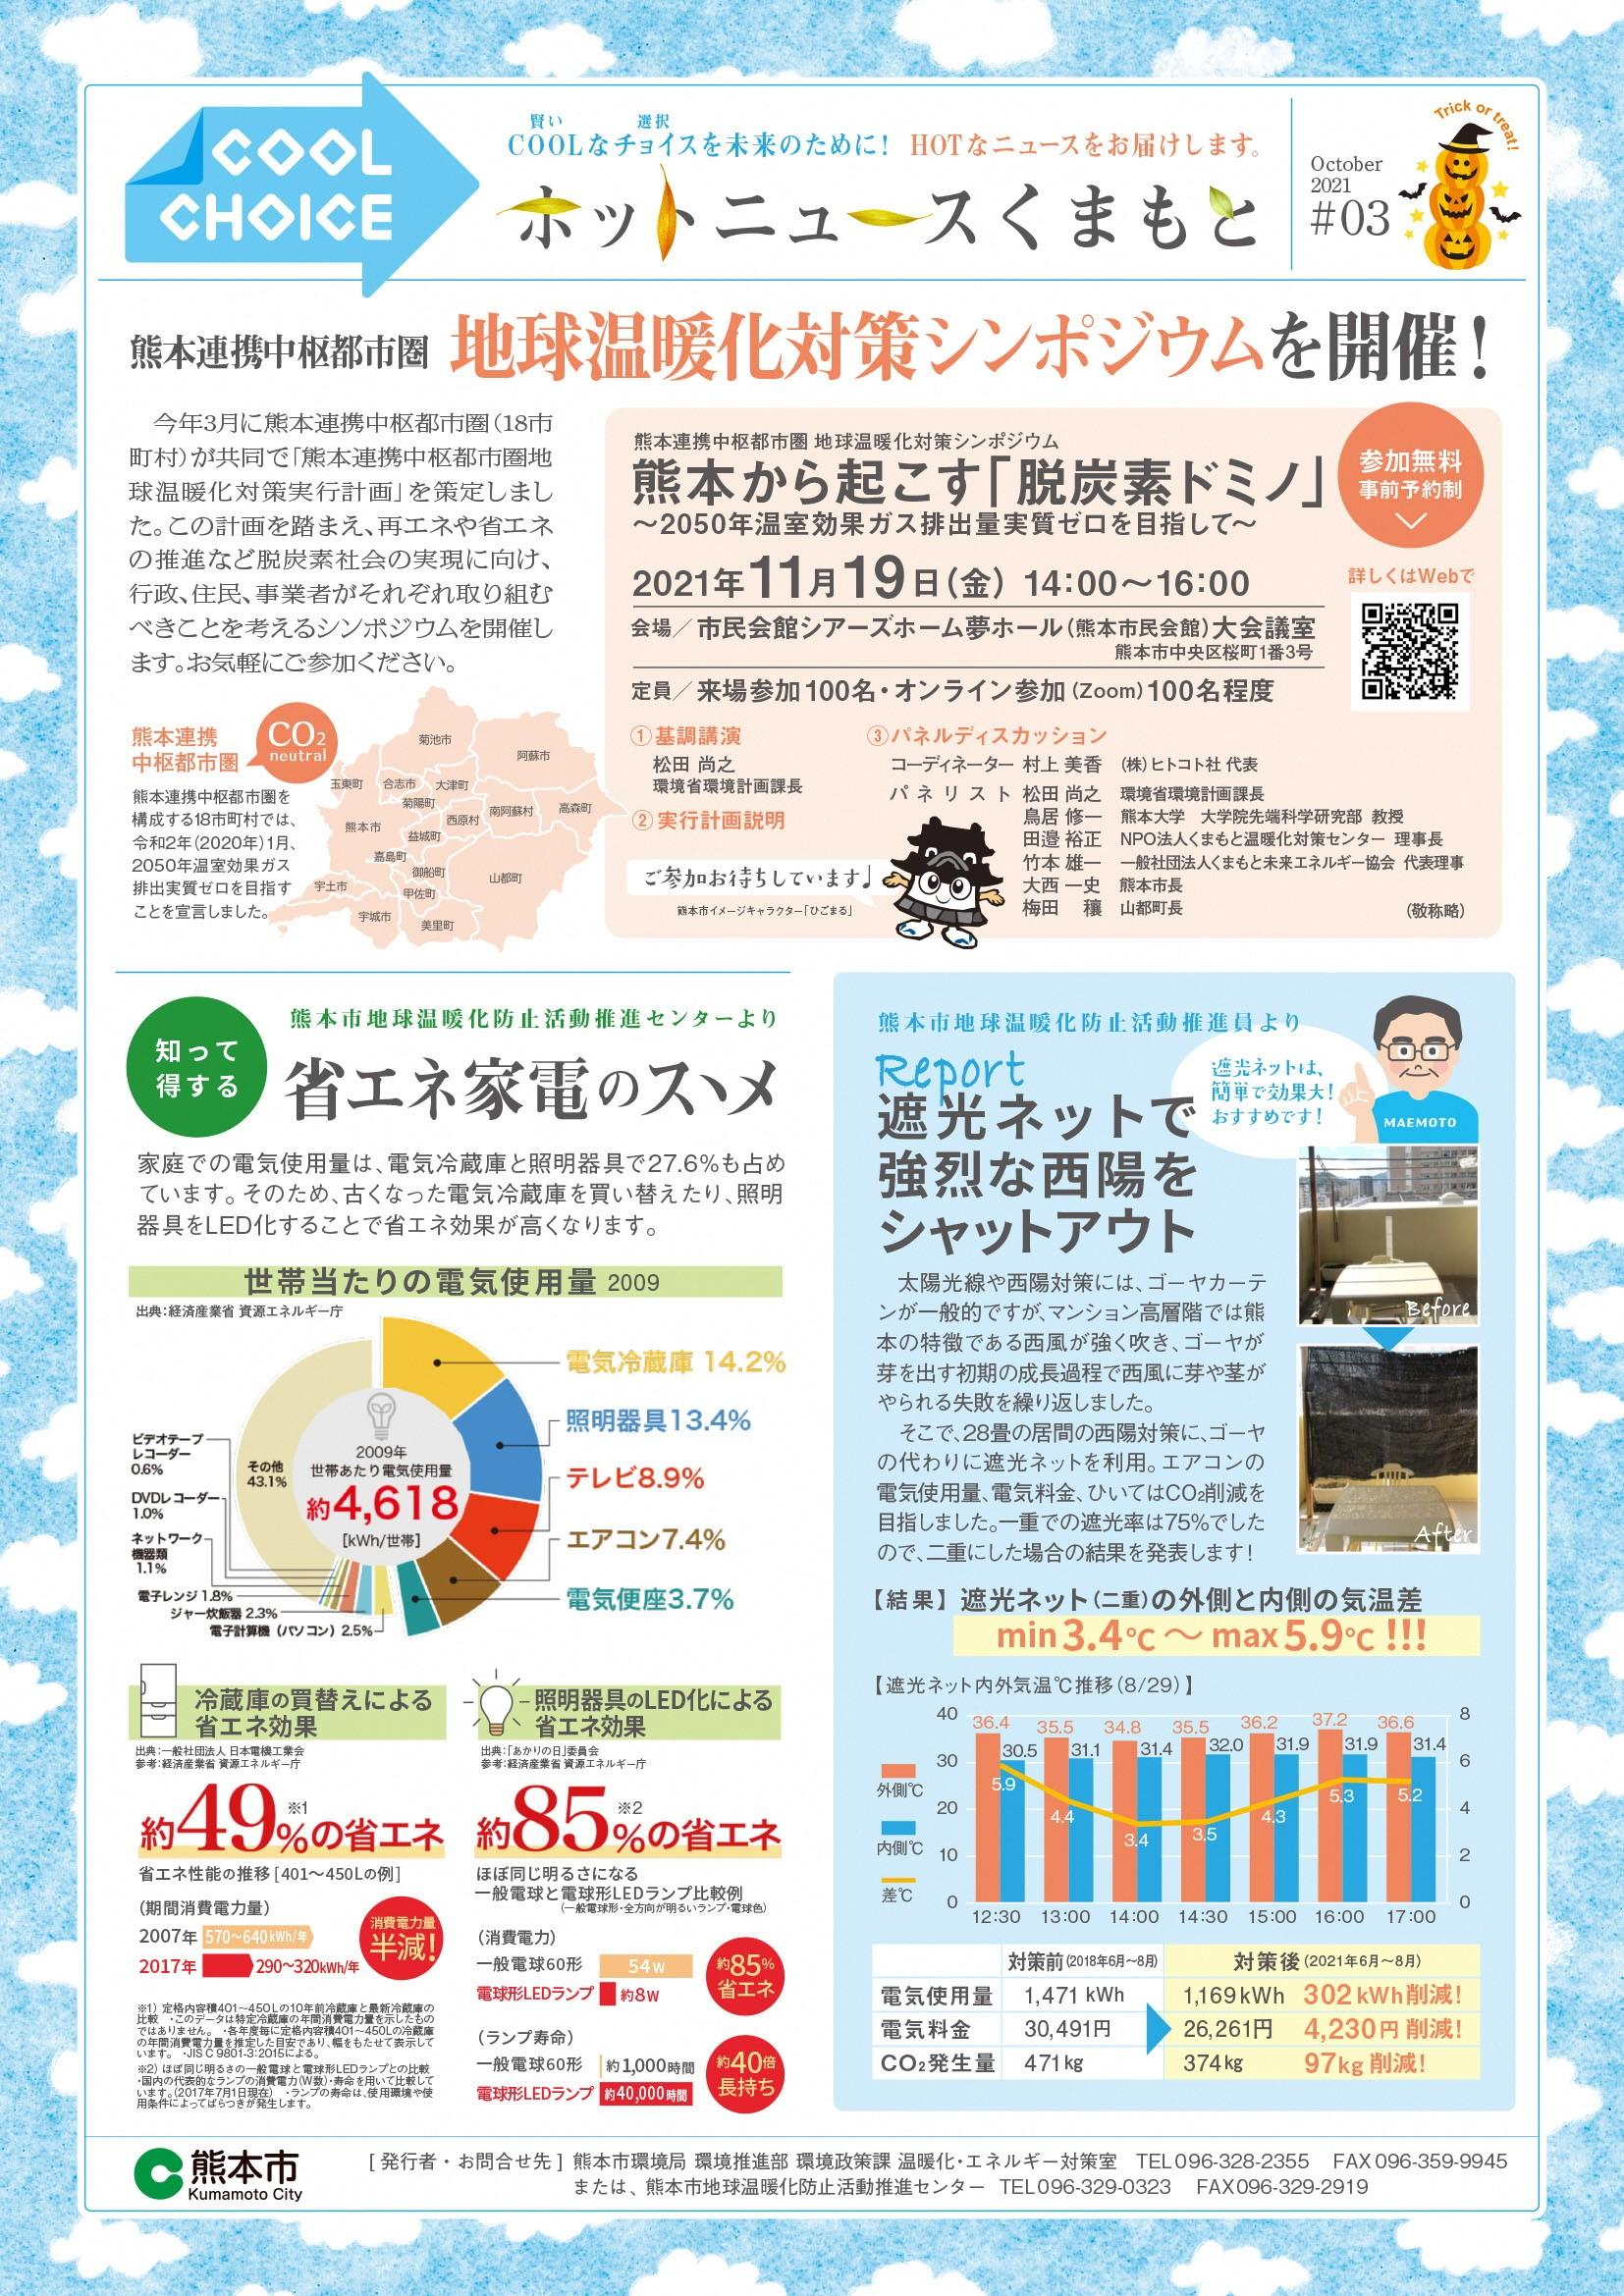 ニュースレター『COOL CHOIC ホットニュースくまもと』#3号